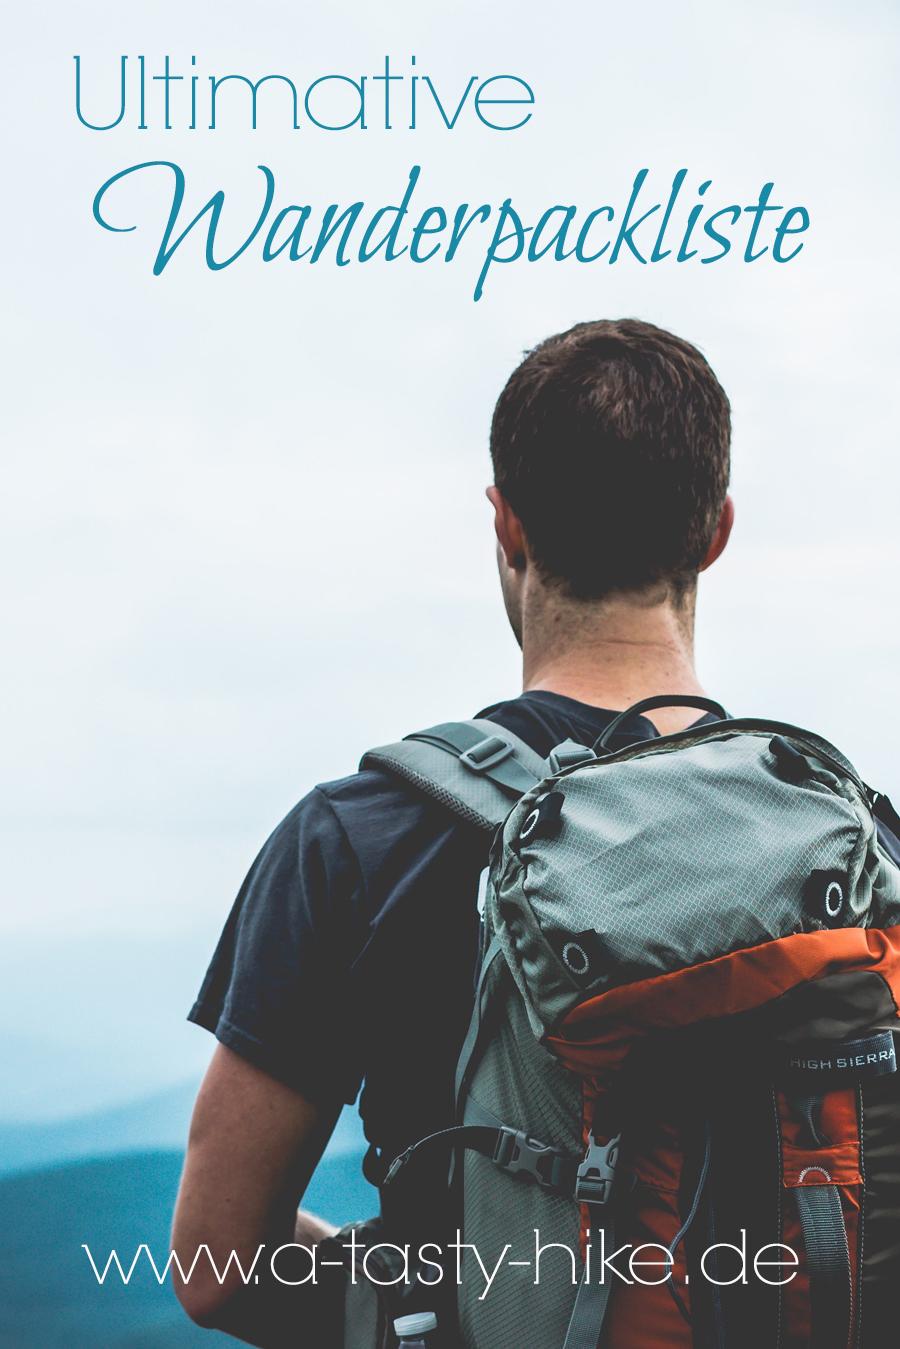 Wanderpackliste: Mit unserer ultimativen Packliste fürs Wandern bist du wunderbar für deine nächste Wanderung vorbereitet und vergisst bei deiner nächsten Wandertour ganz sicher nichts! #Packliste #Wandern